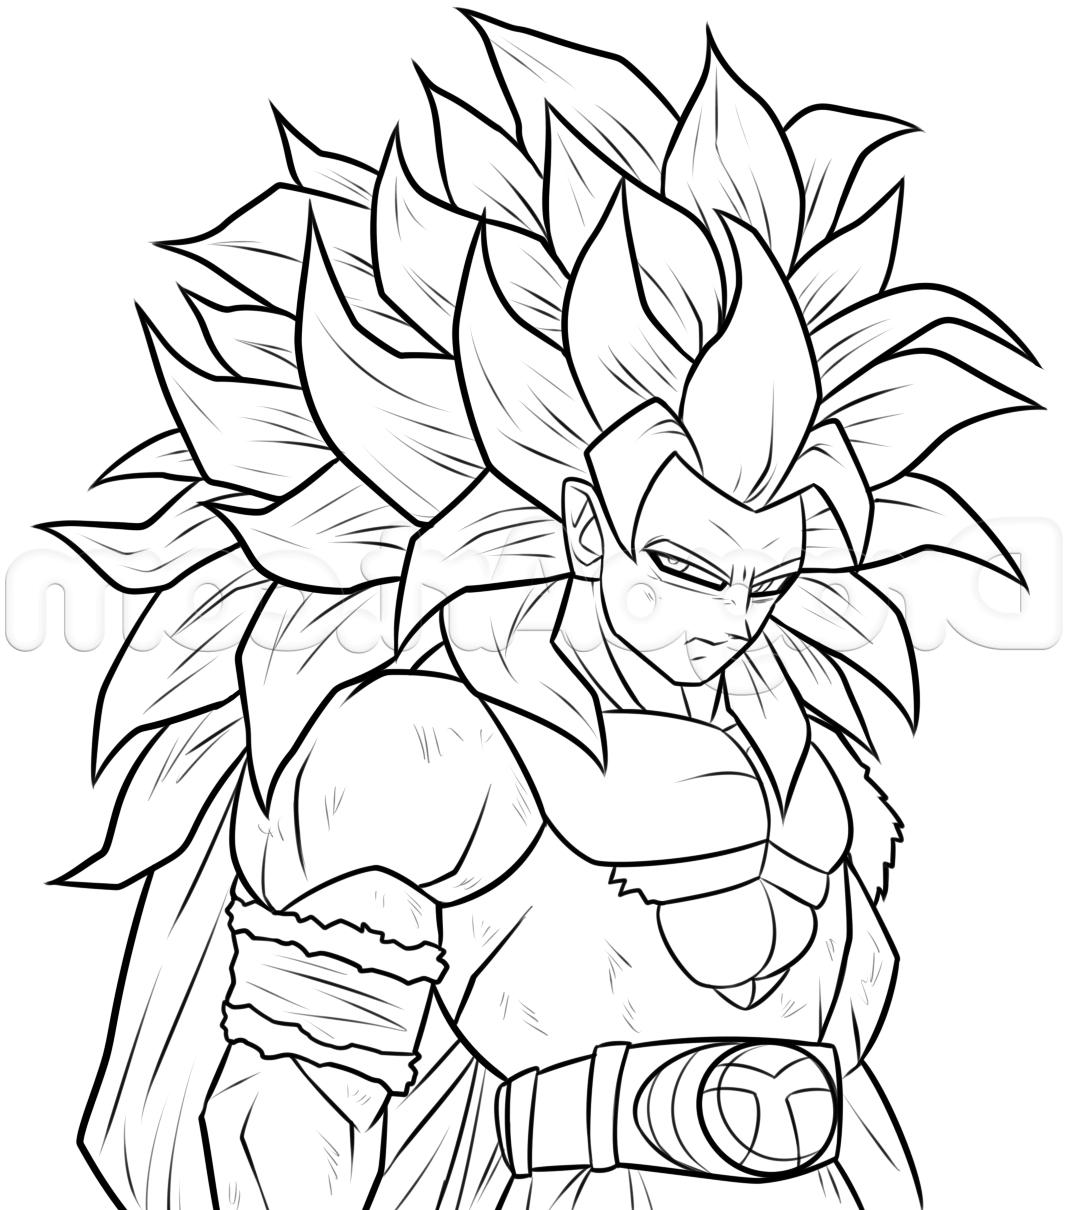 1068x1210 Goku Face Drawing Super Saiyan How To Draw Goku Super Saiyan 3